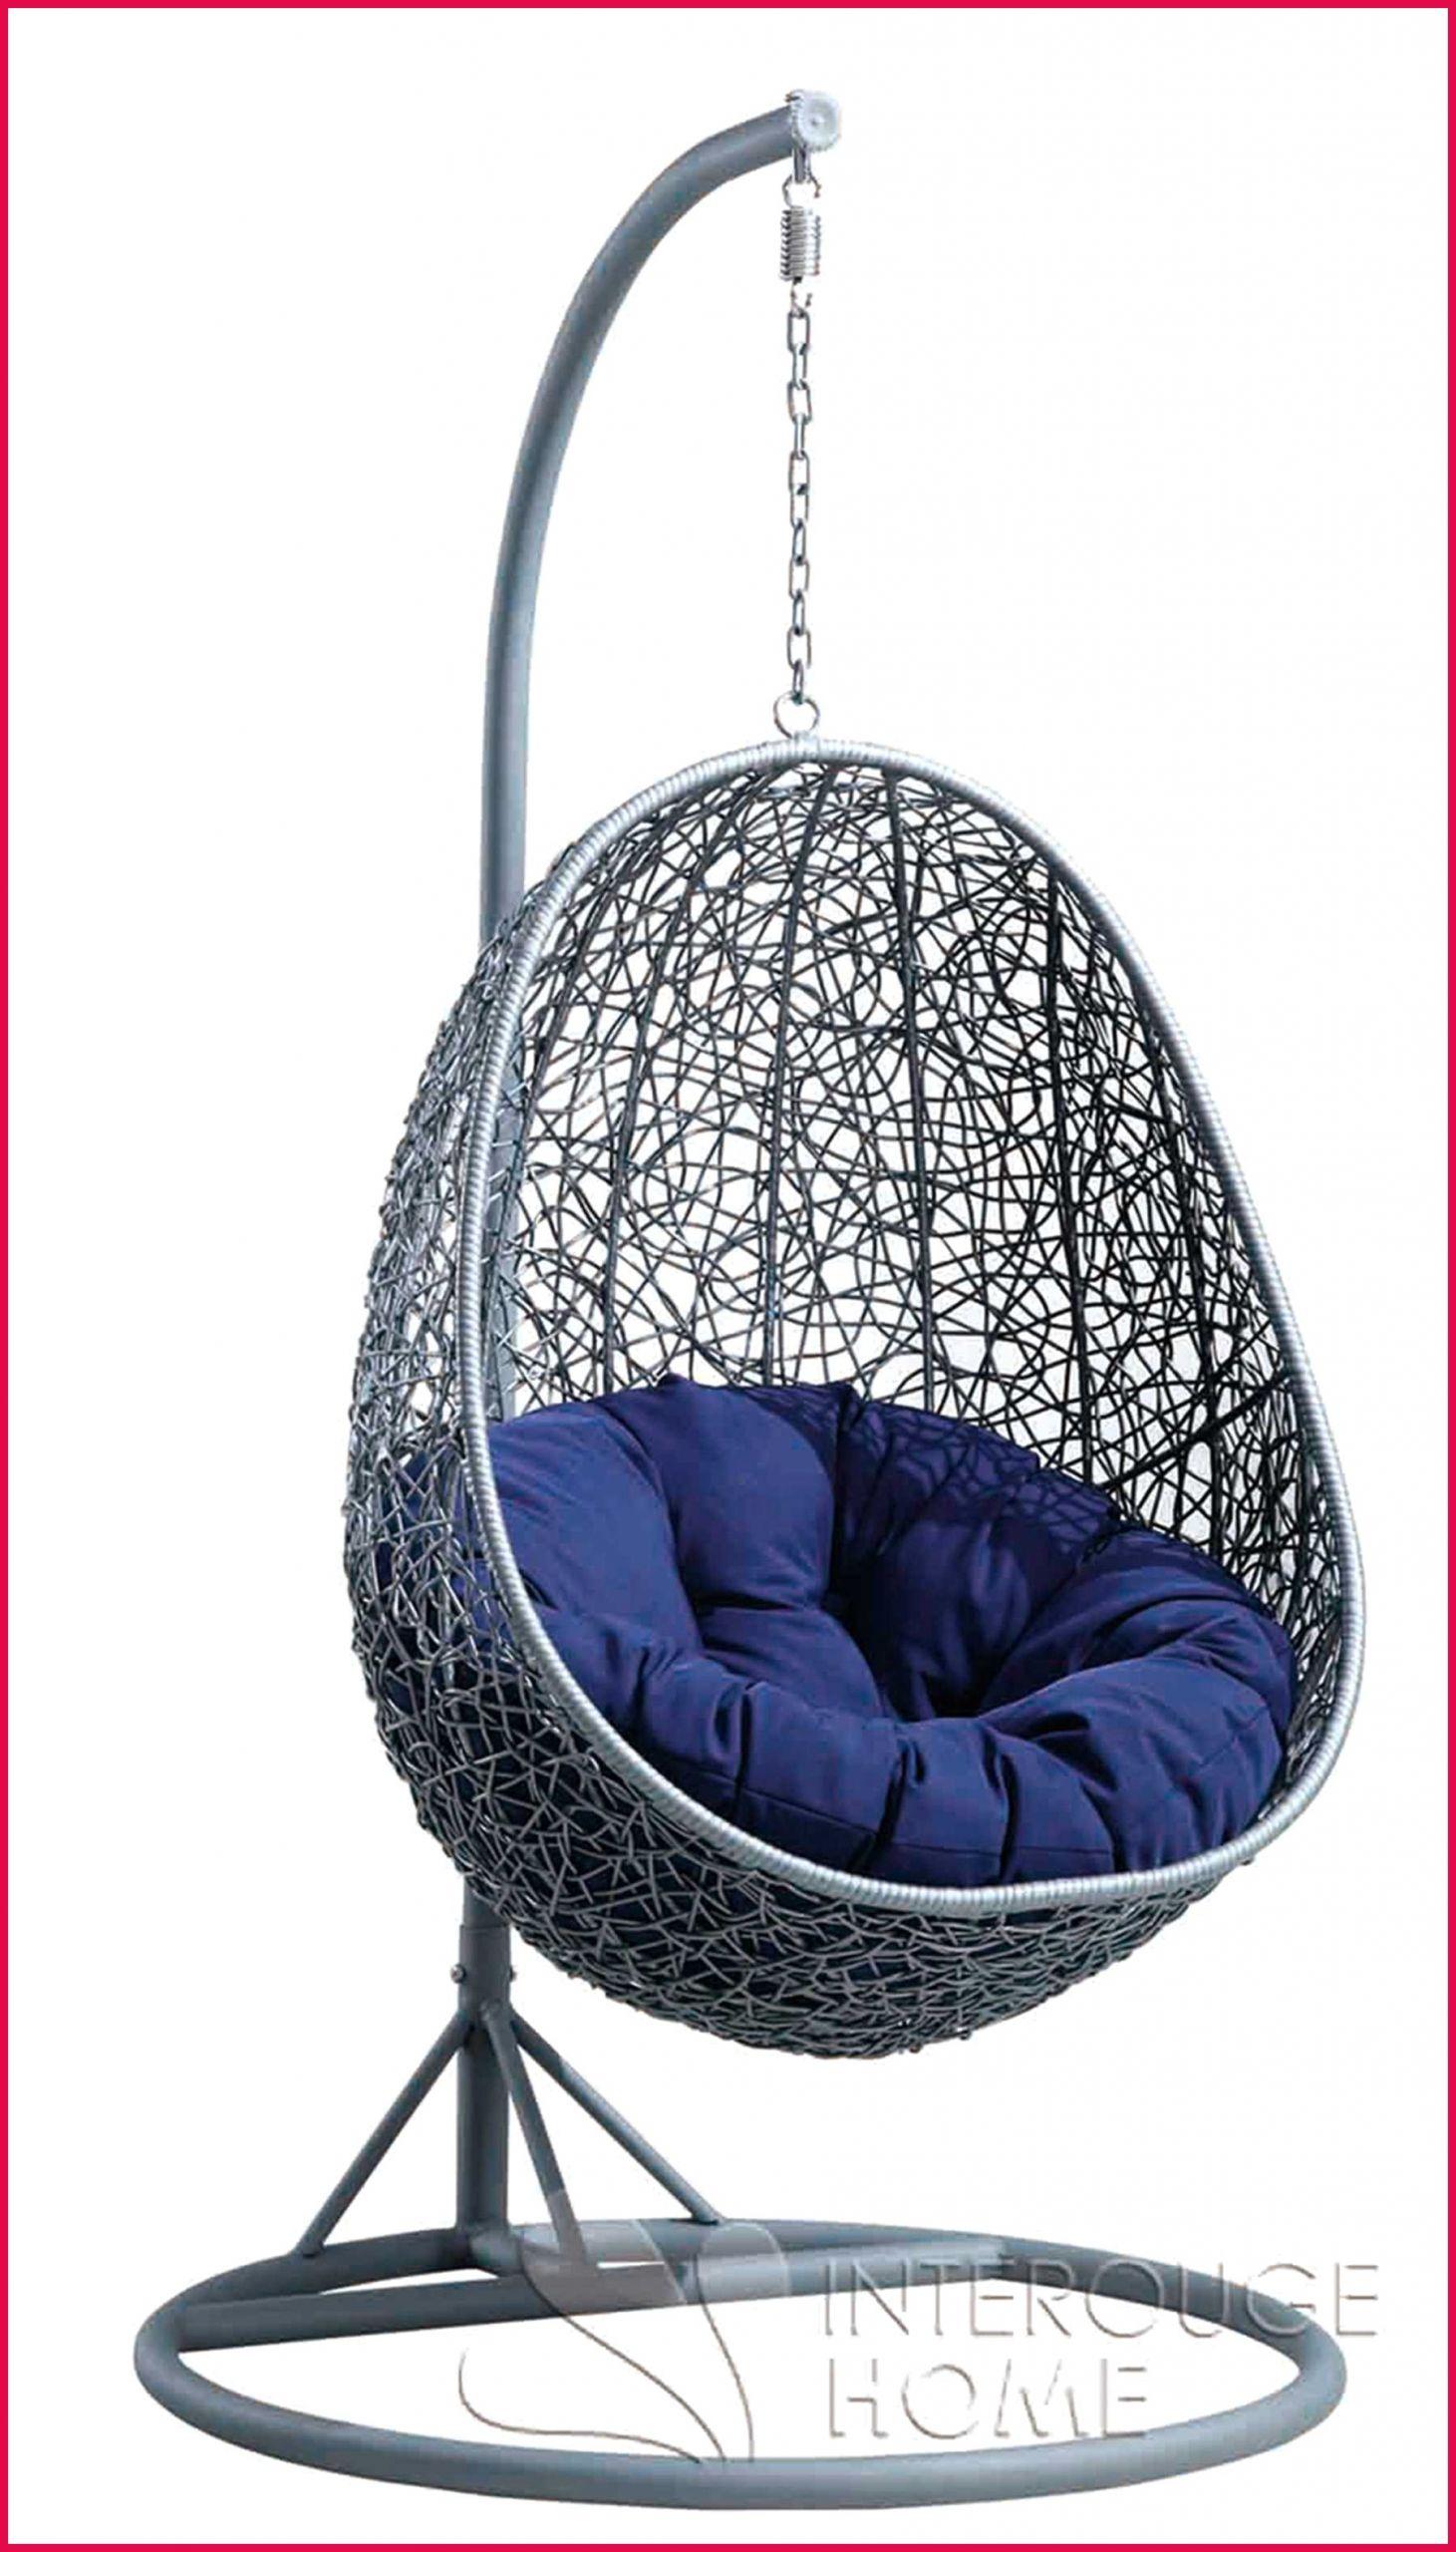 chaise suspendue ikea enchanteur fauteuil suspendu oeuf et destine a pas cher chaise suspendue ikea enchanteur fauteuil suspendu oeuf et avec